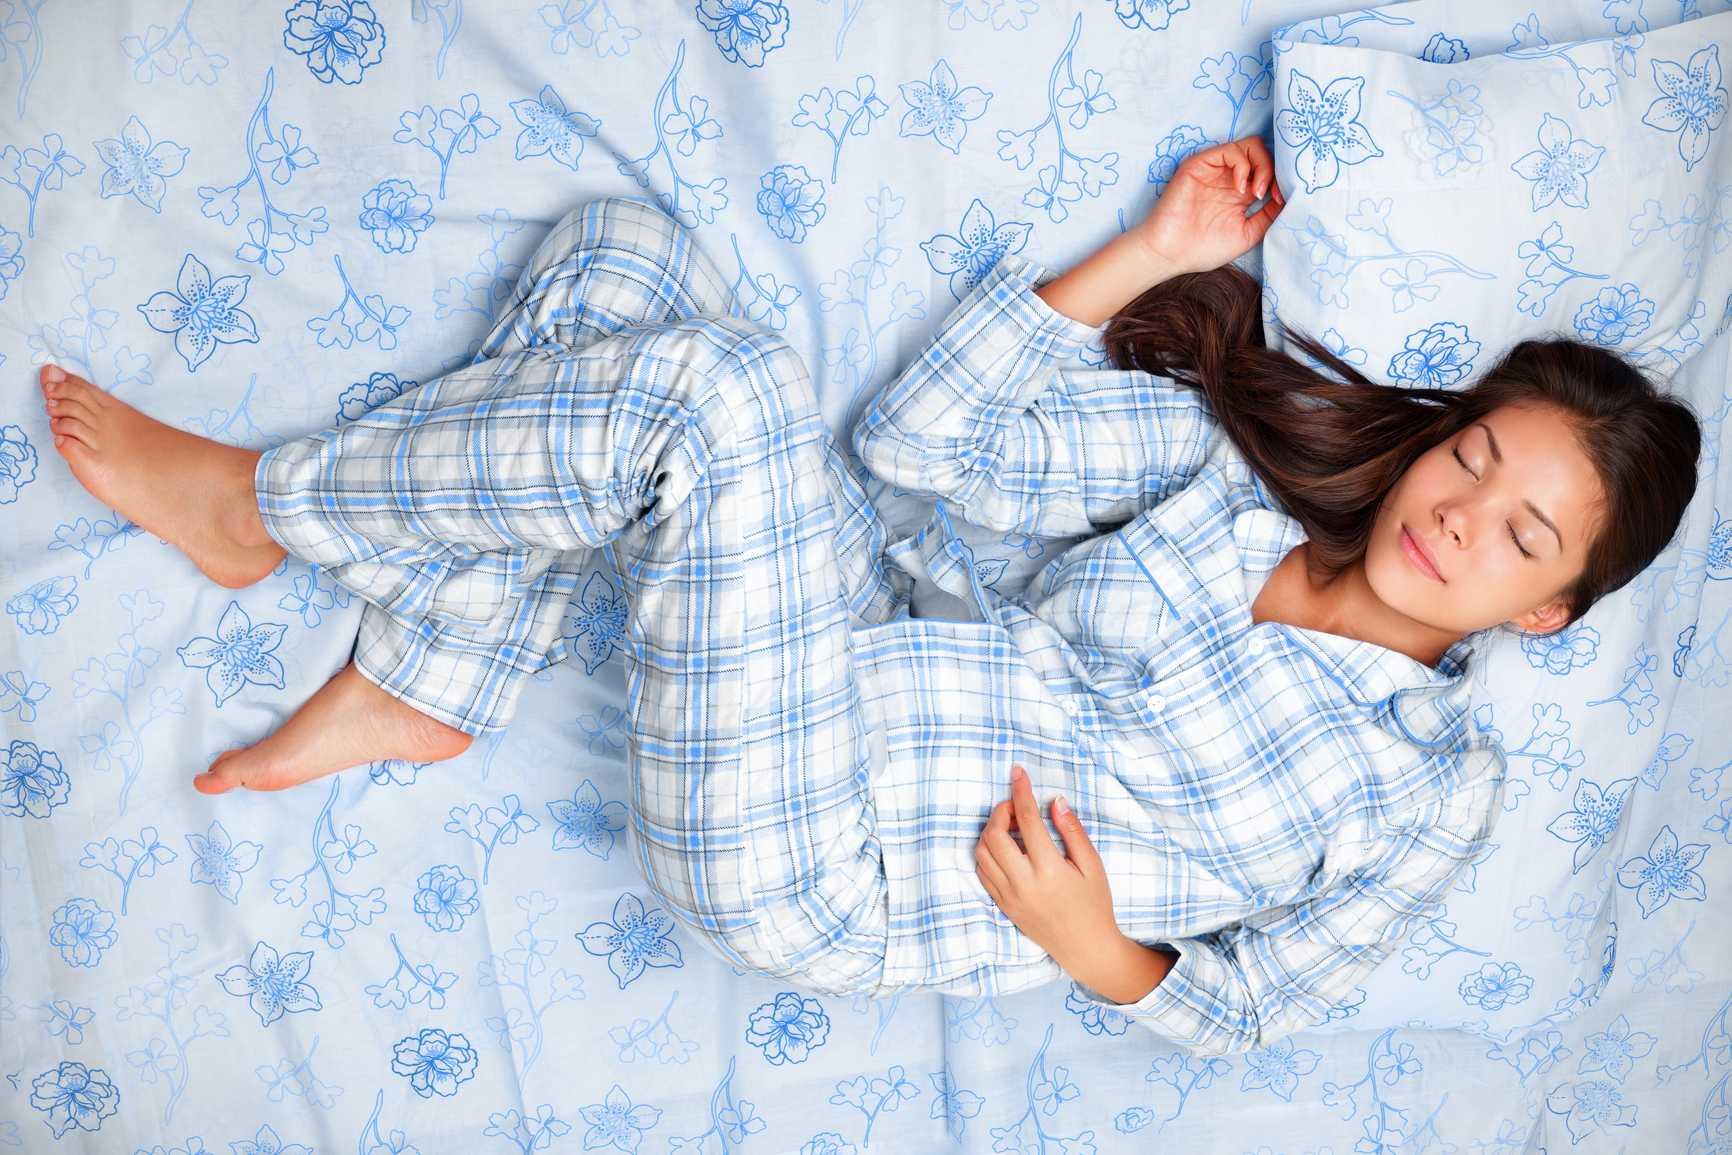 Có khoảng 10 triệu con vật này trên giường ngủ của bạn.